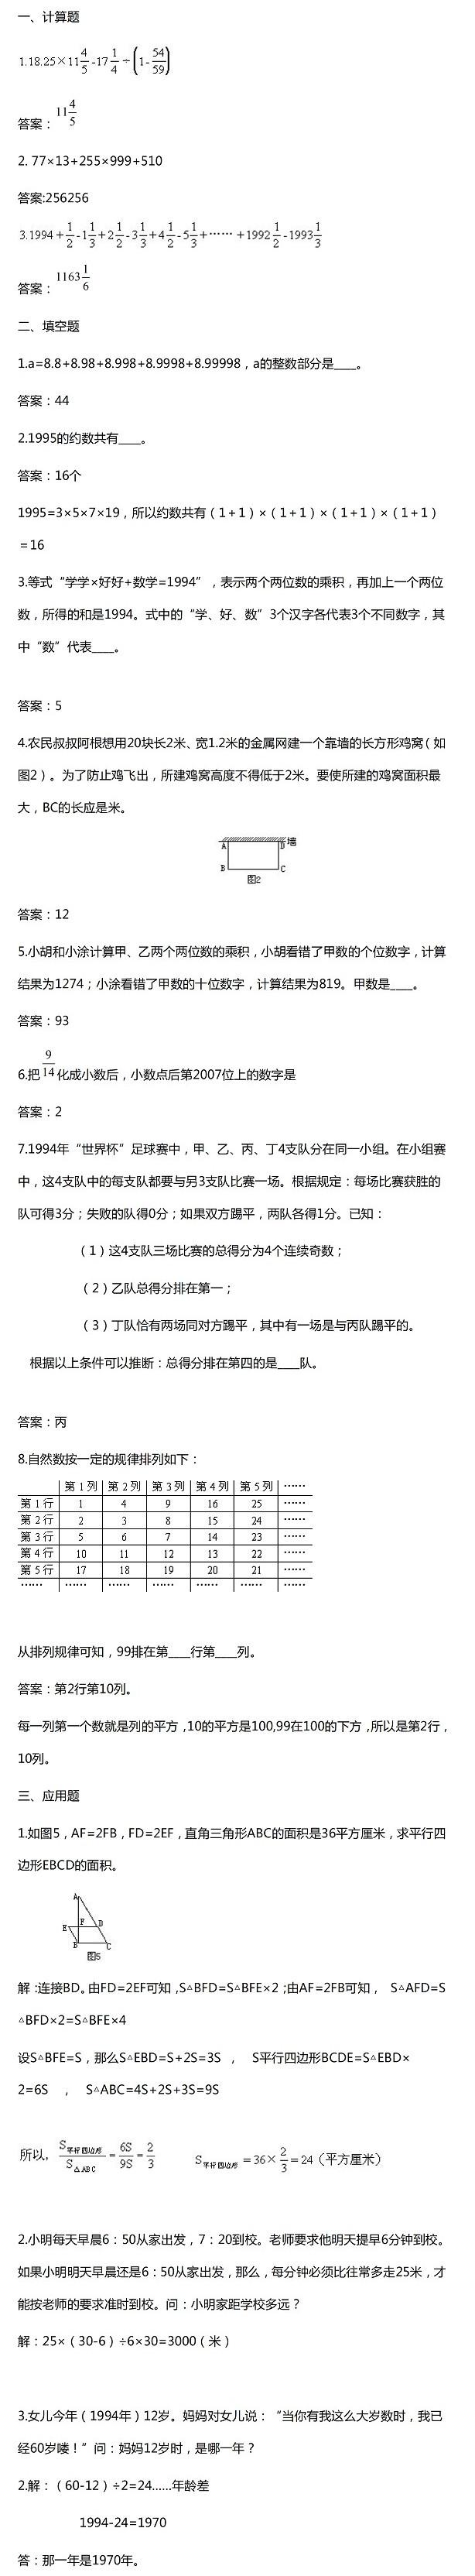 重点中学小升初分班考试题数学模拟练习(十六)